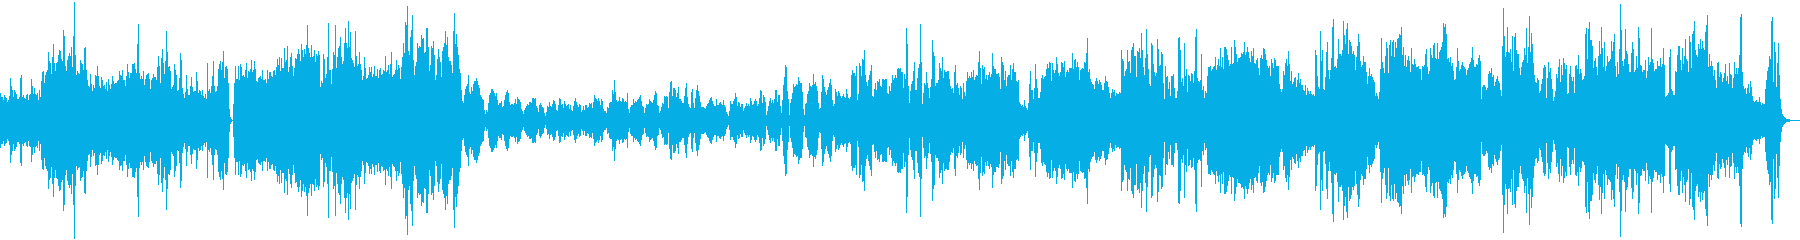 バラキレフ「イスラメイ」の再生済みの波形